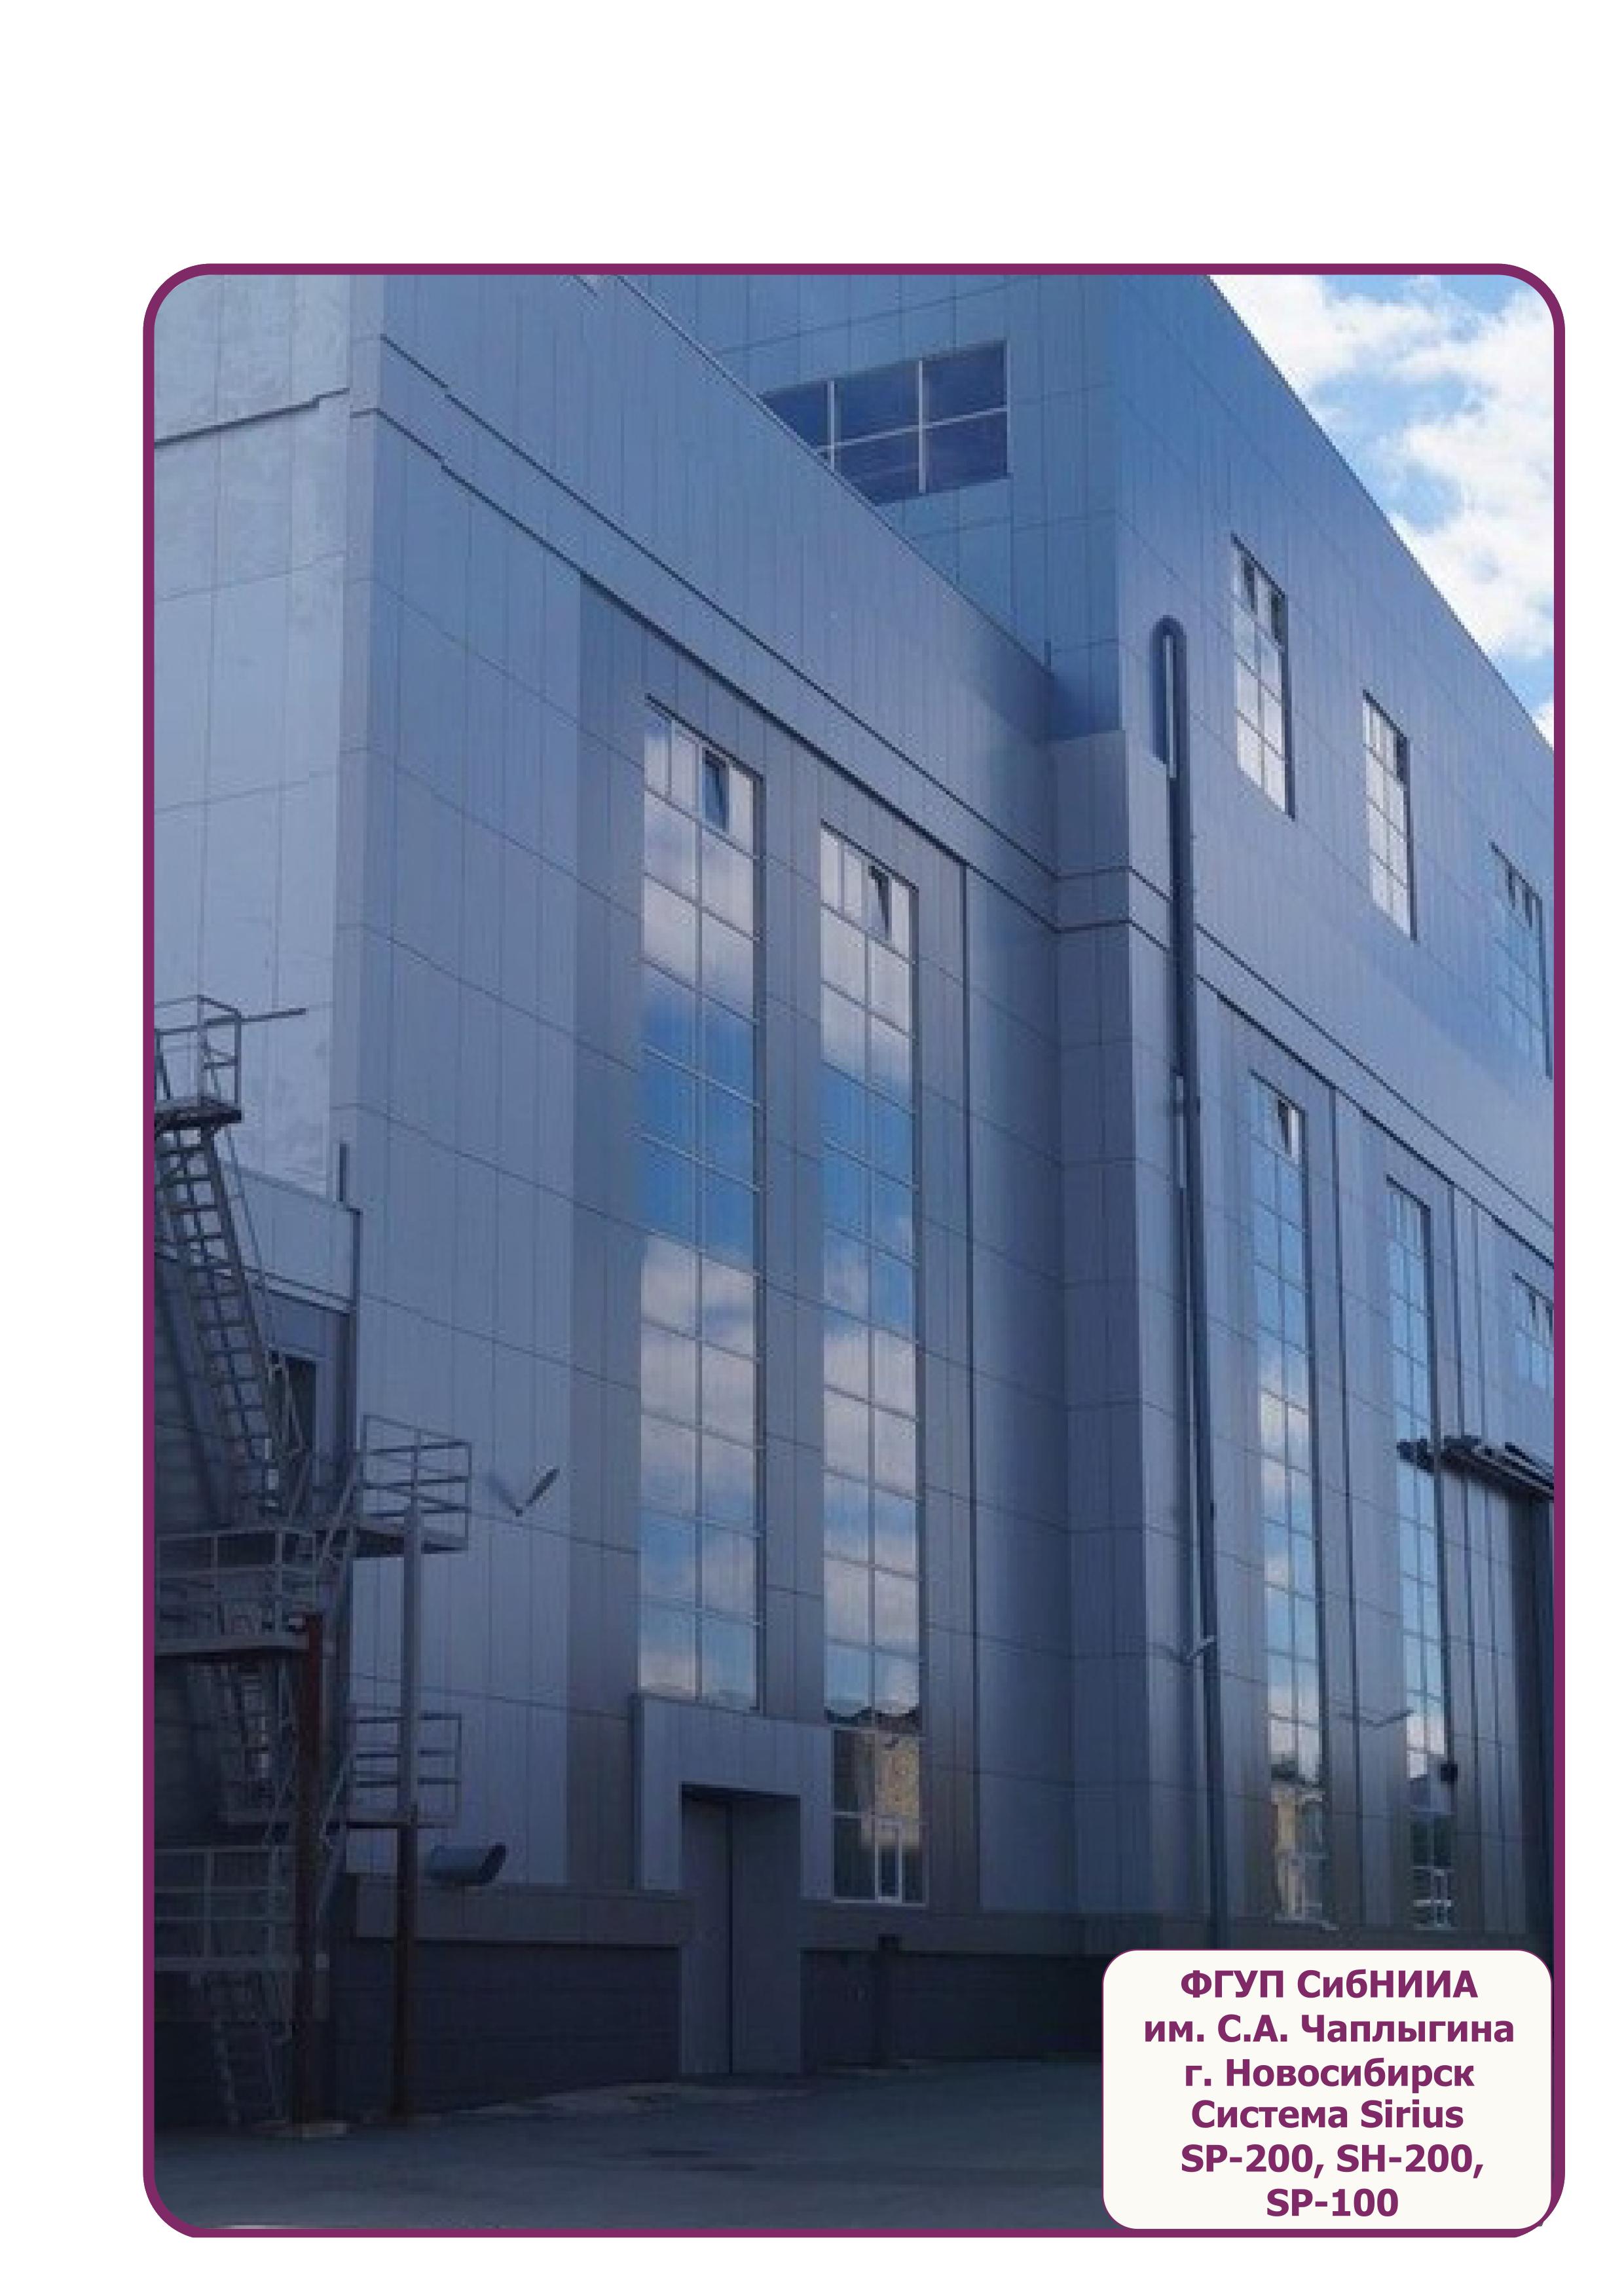 ФГУП СибНИИА им. С.А.Чаплыгина г. Новосибирск Фасад объекта облицован на алюминиевой подсистеме SIRIUS SH-200 - композитные панели, межэтажное крепление направляющих замкнутого профиля на усиленных кронштейнах